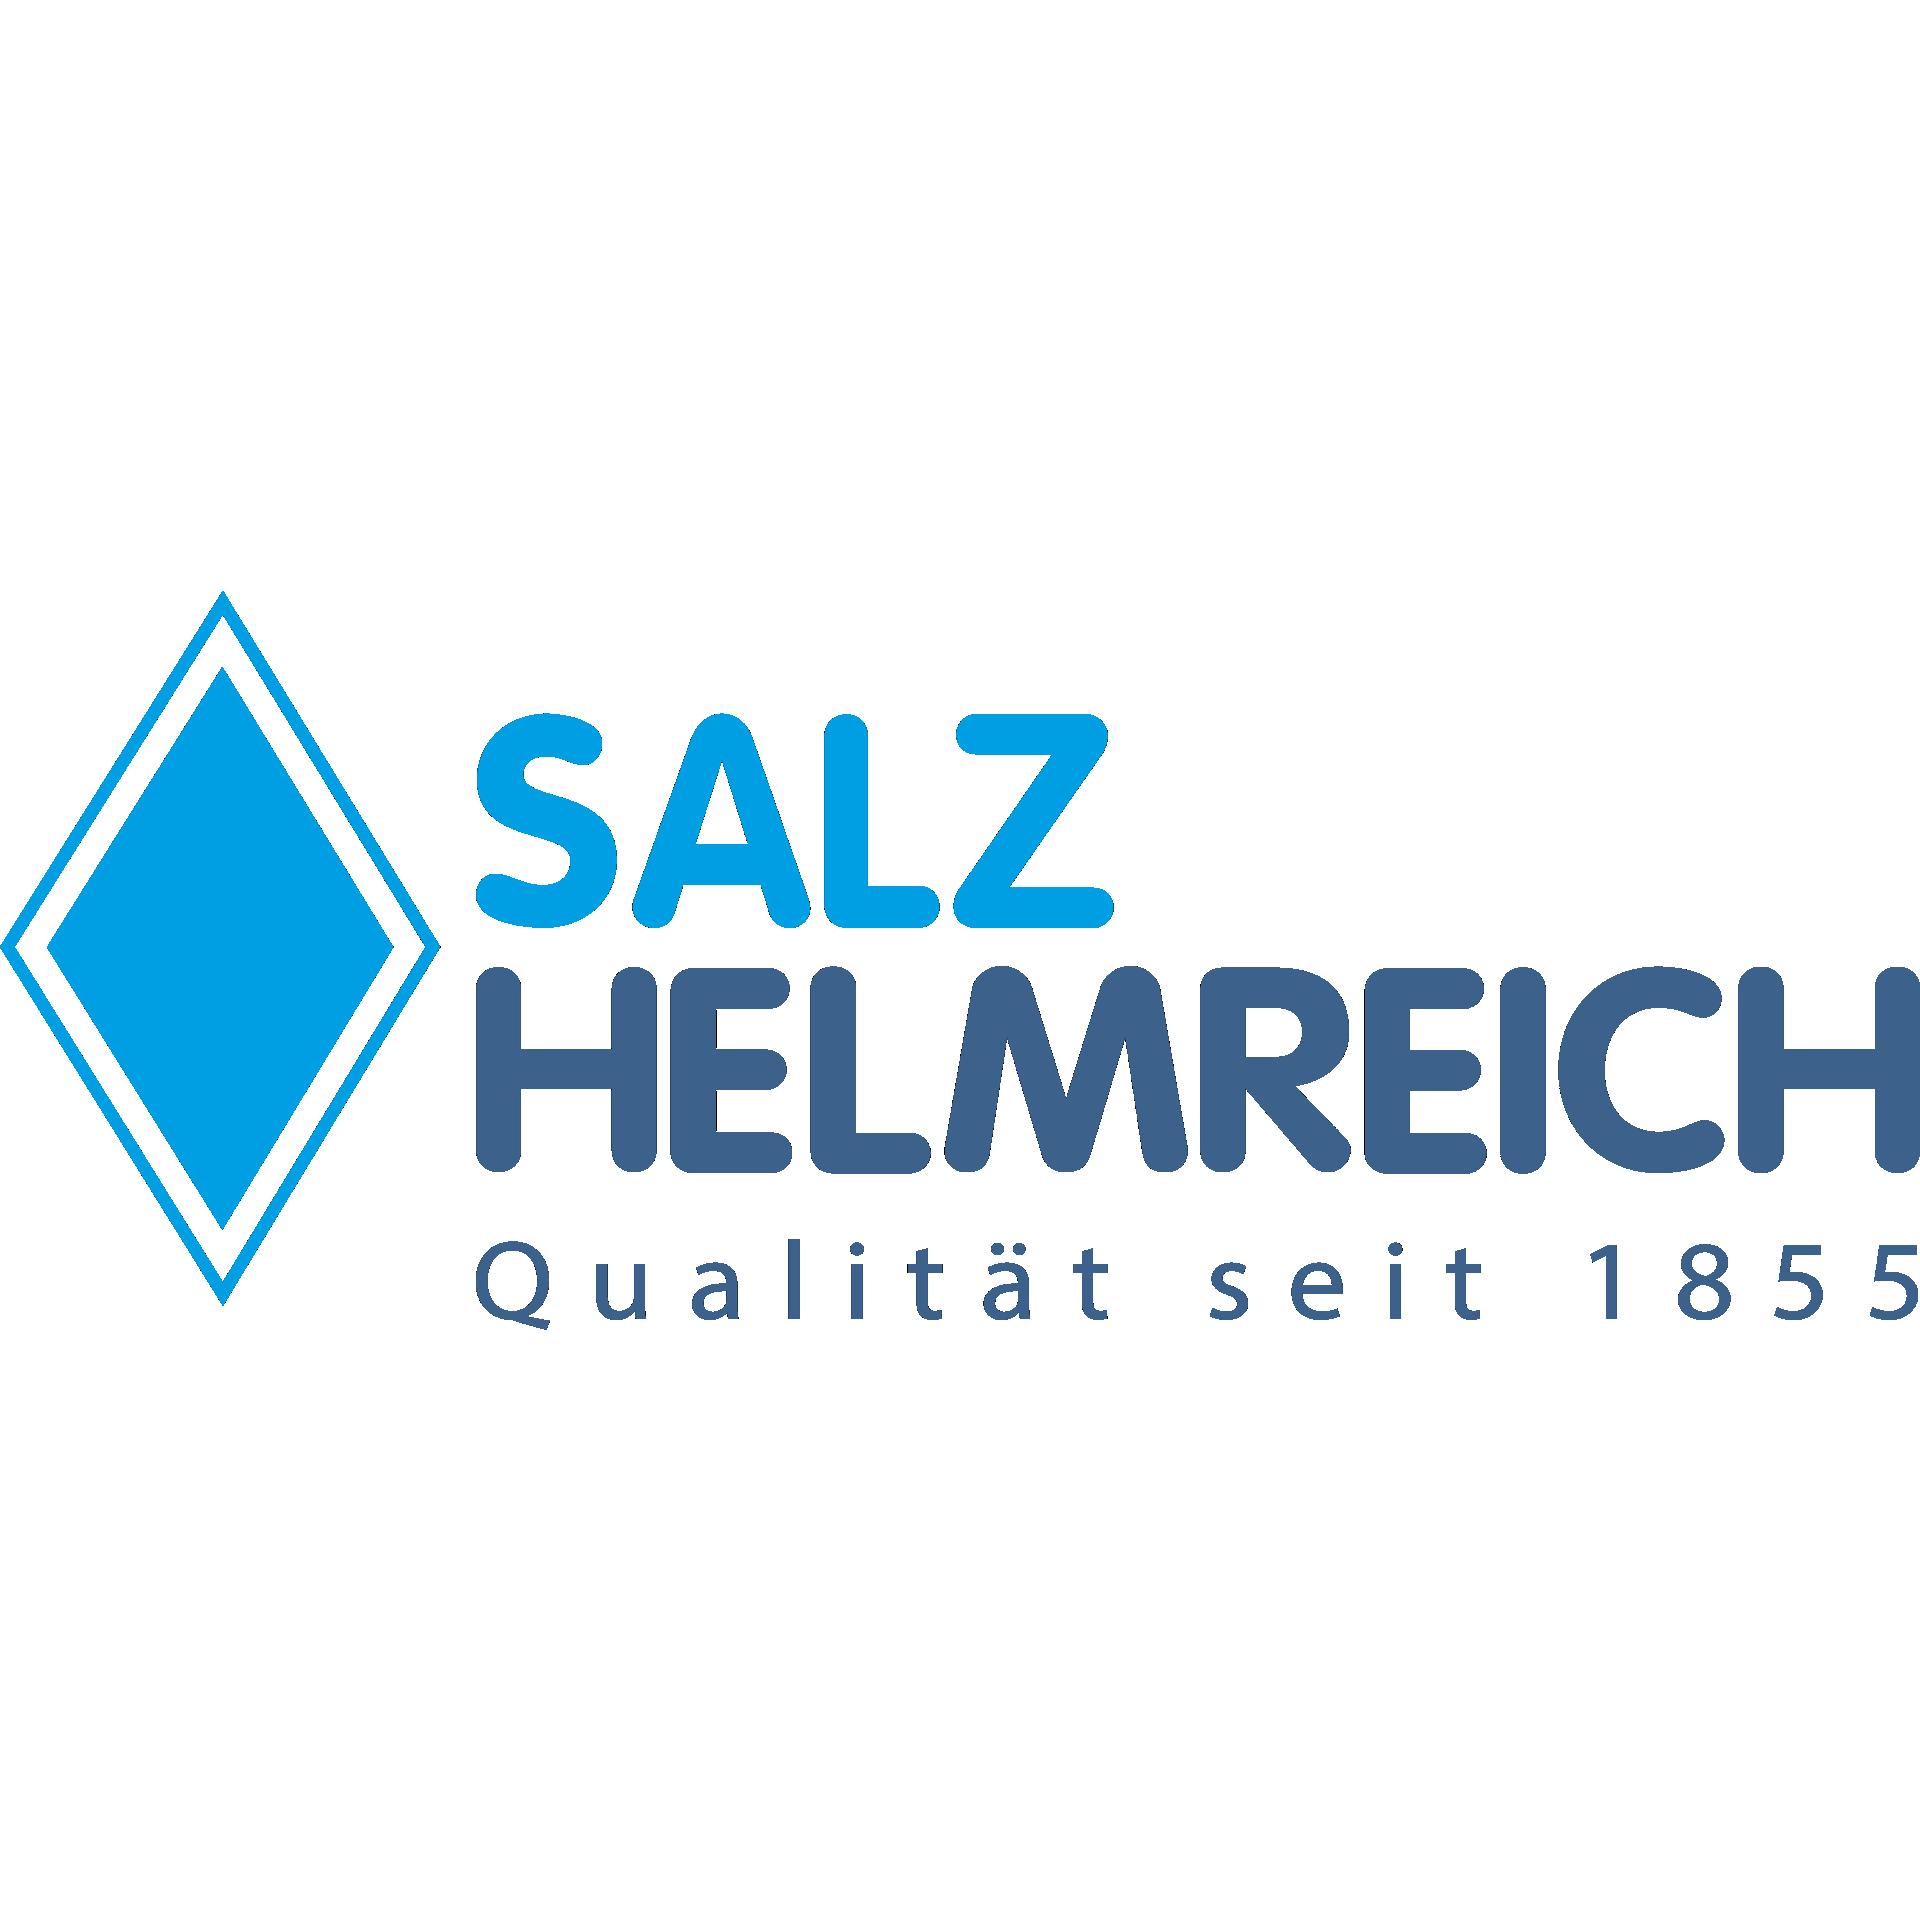 Salz-Kleinpackungen